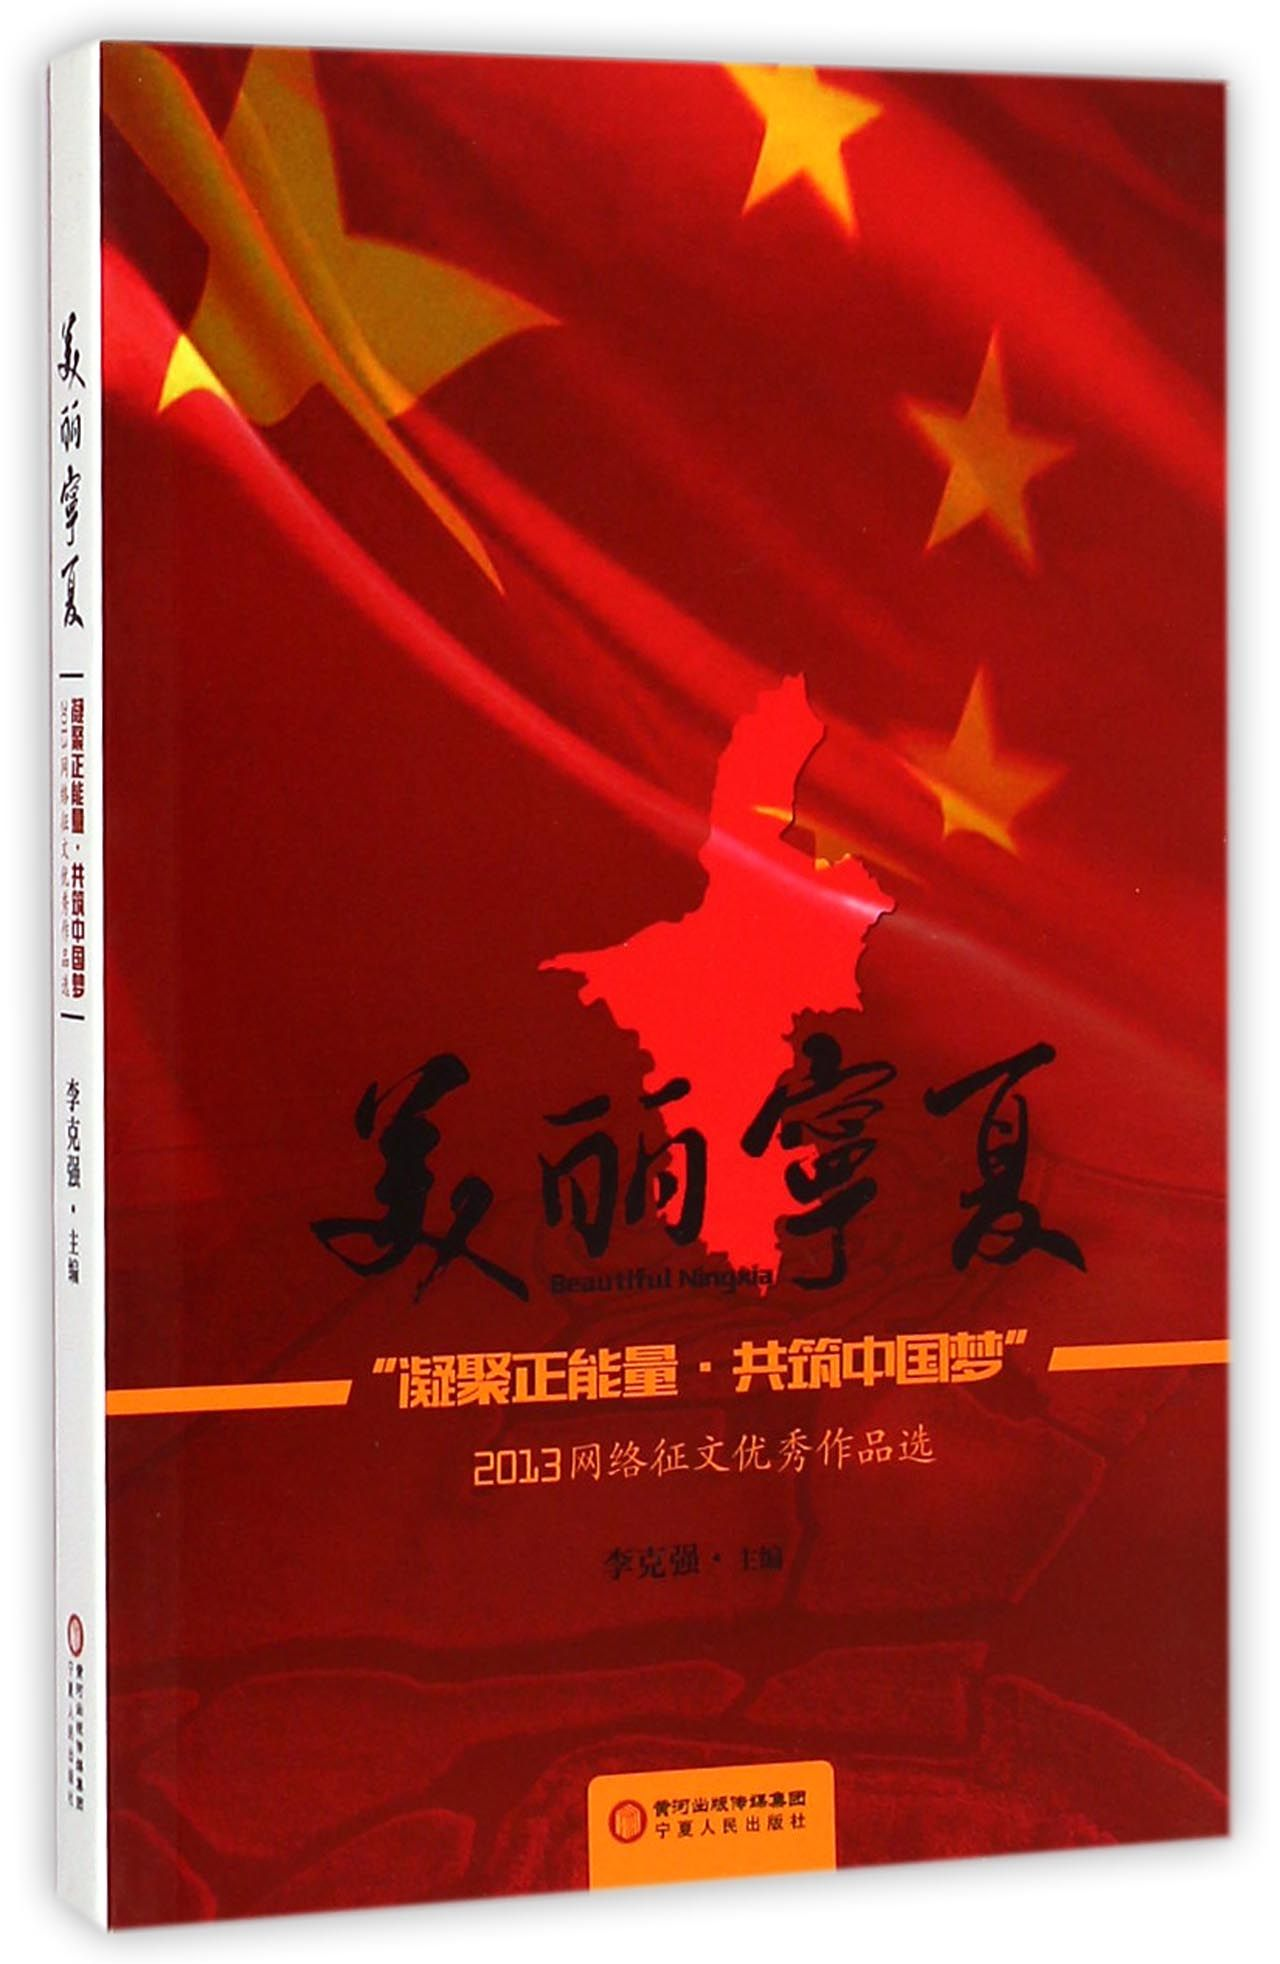 美丽宁夏(凝聚正能量共筑中国梦2013网络征文优秀作品